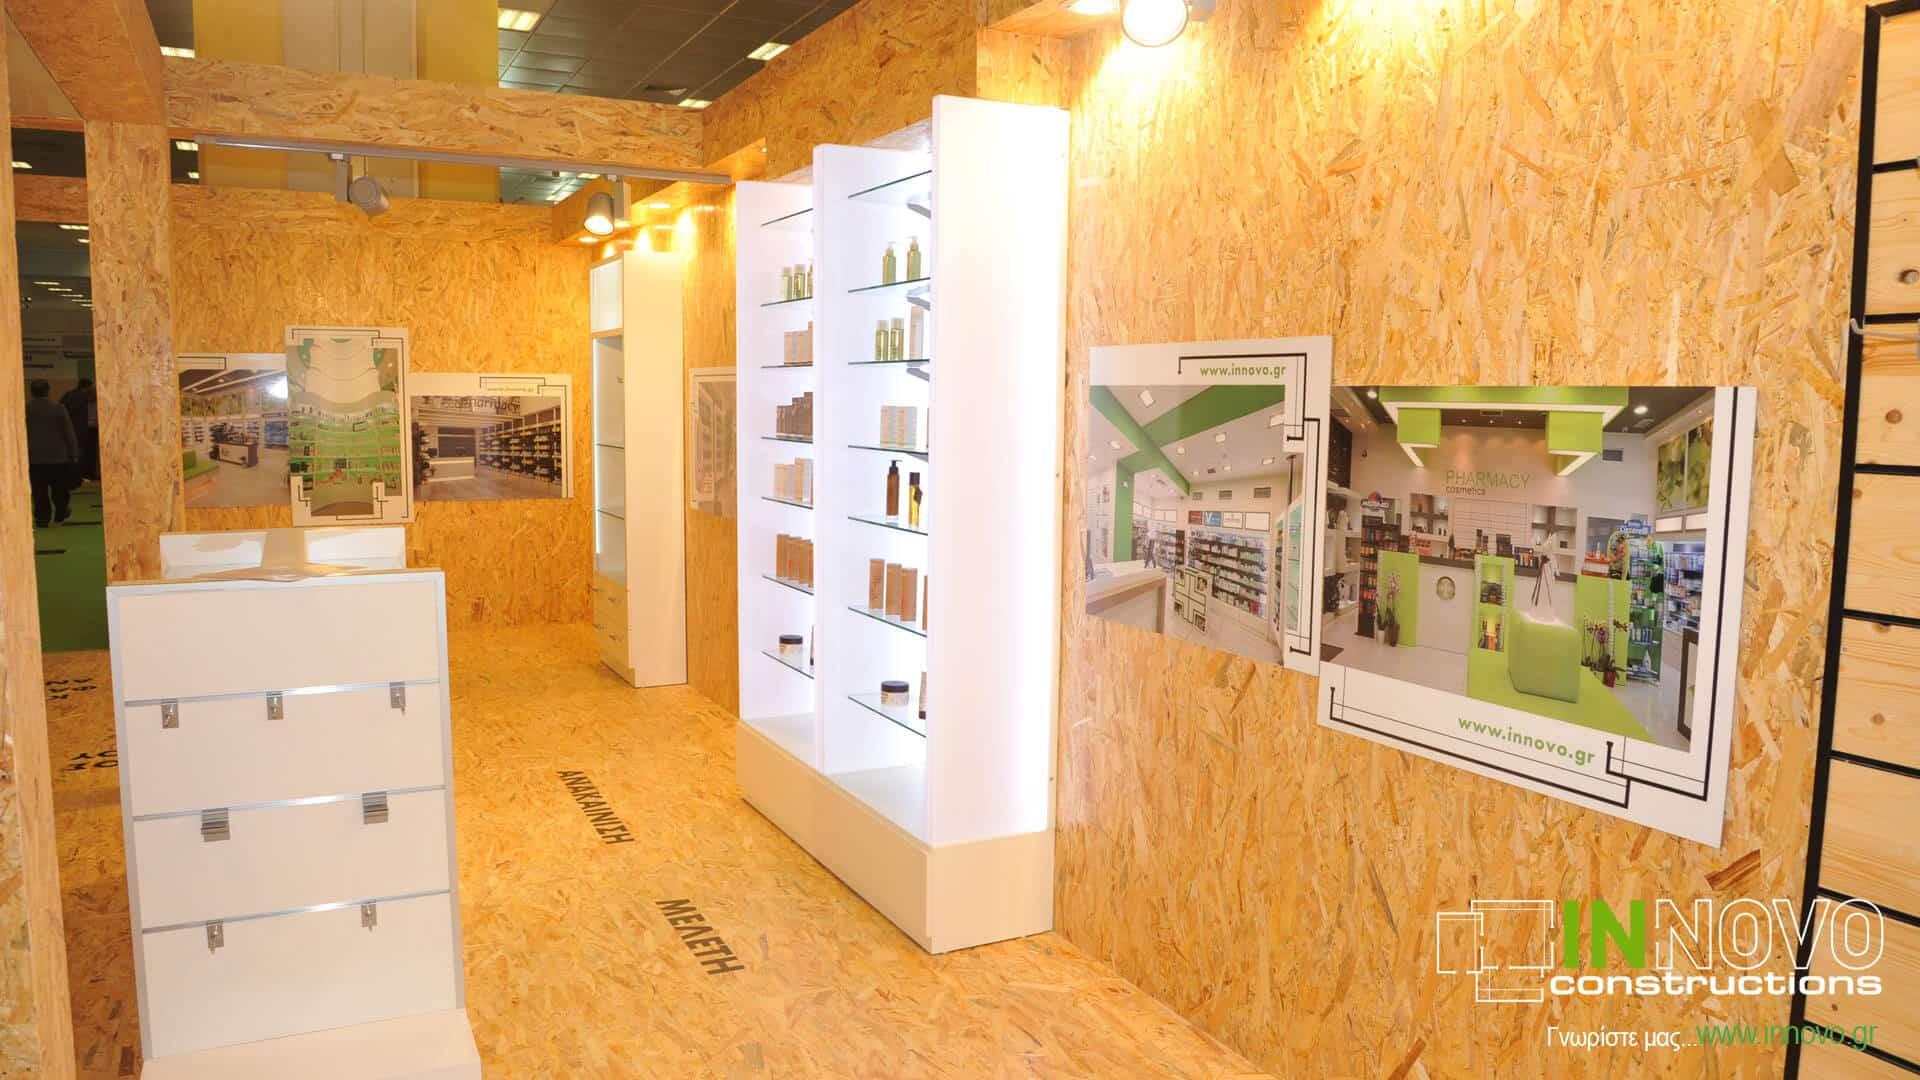 kataskevi-peripterou-exhibition-stand-construction-periptero-mas-hellaspharm2014-7